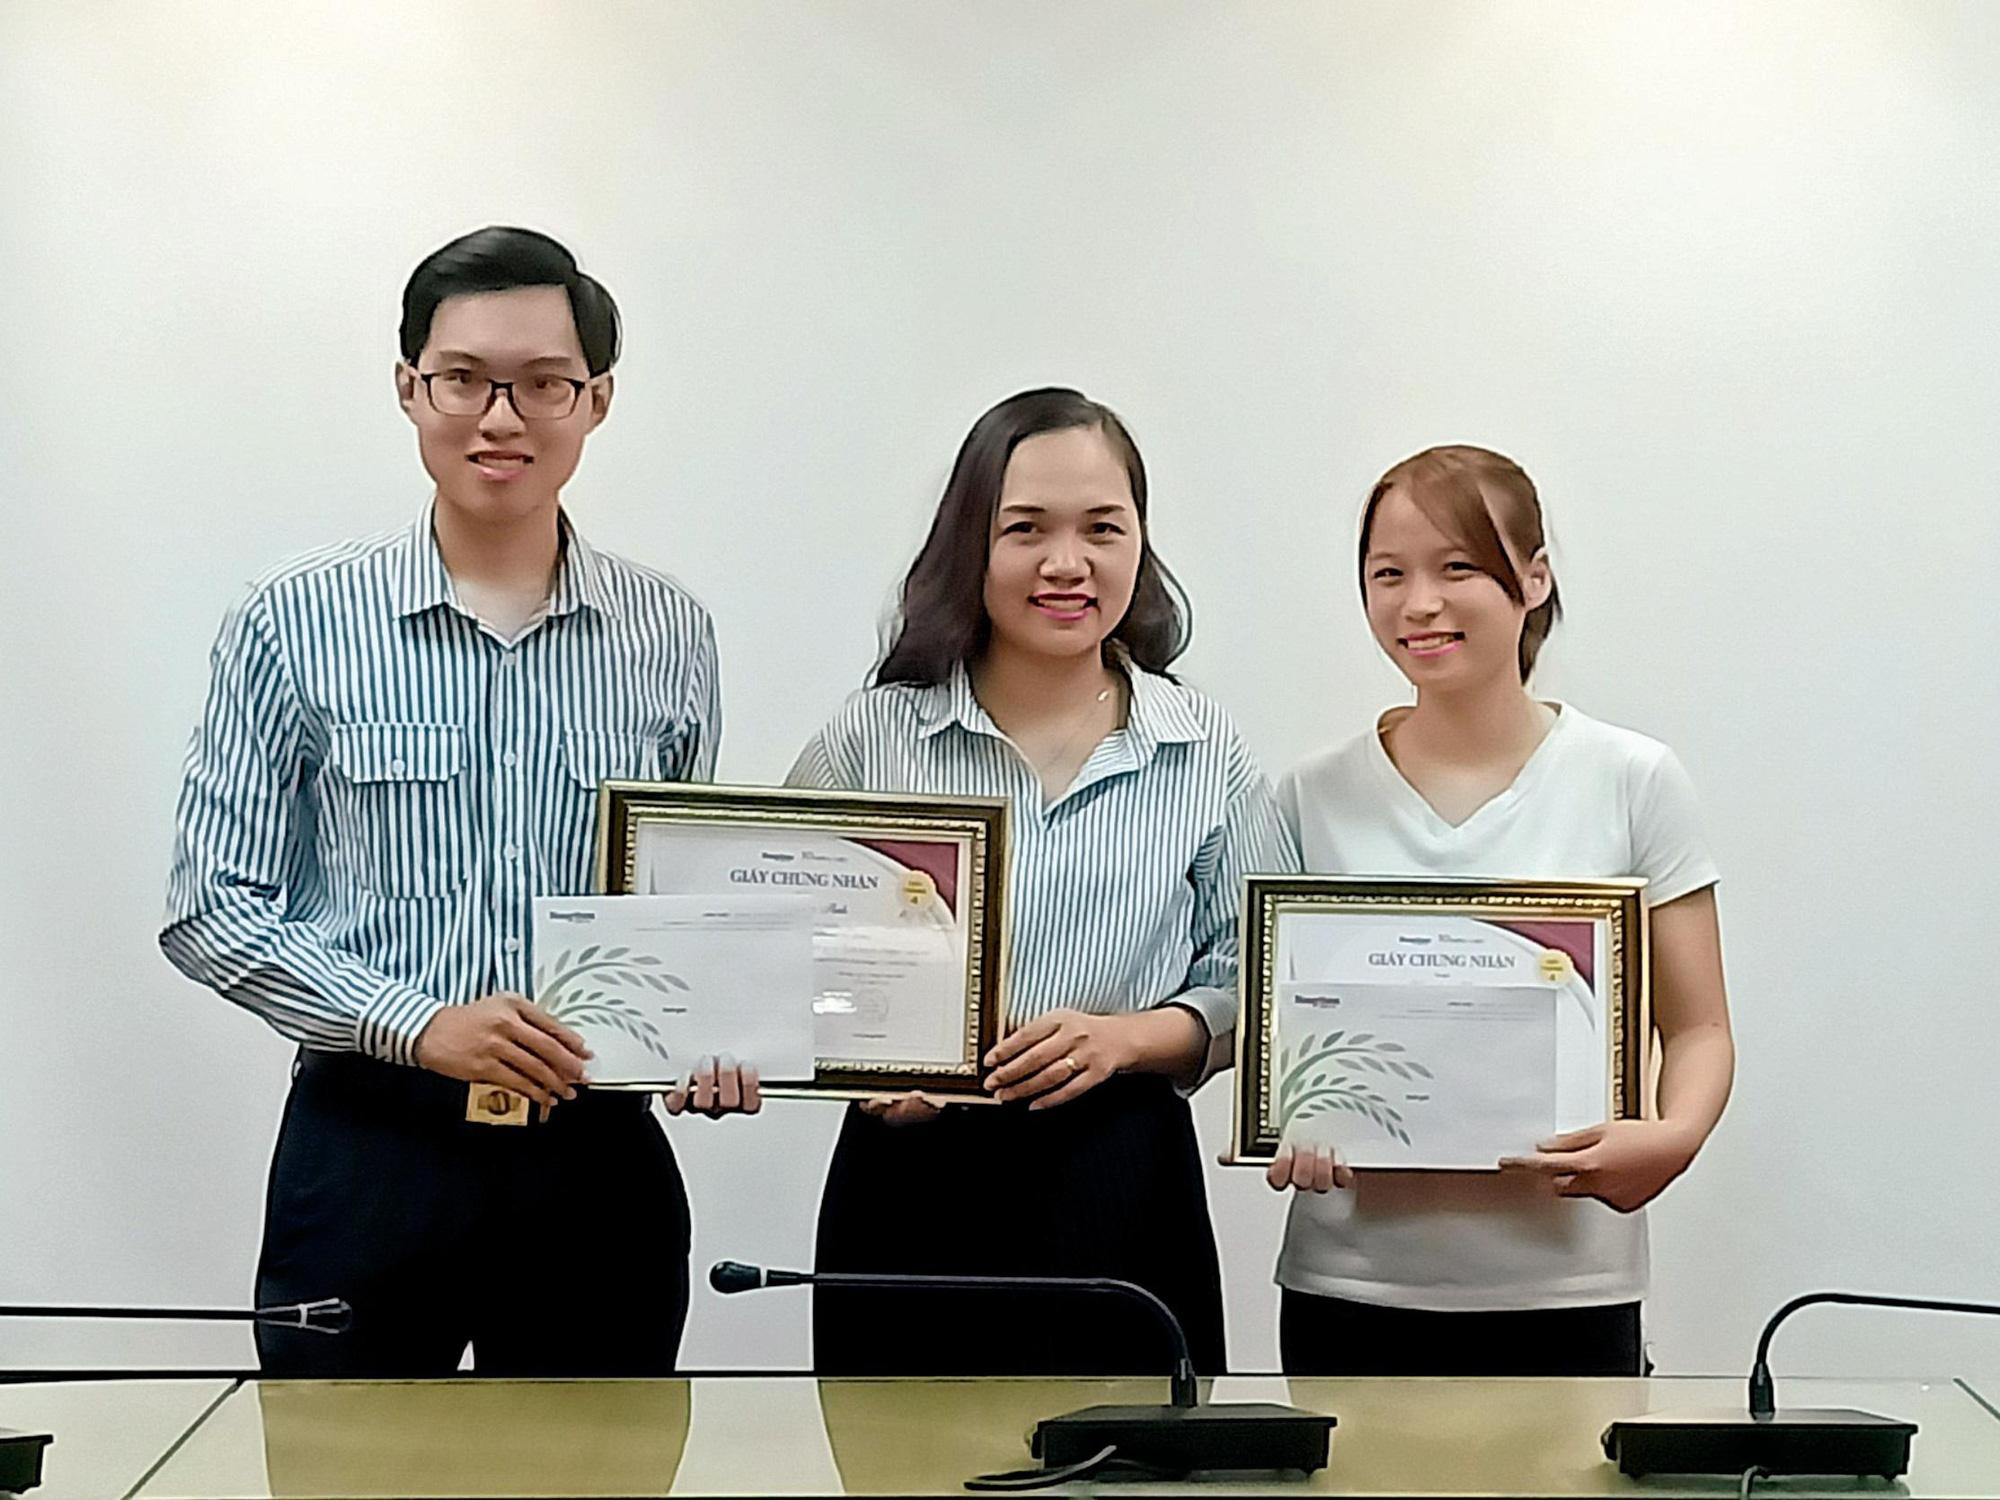 Trao giải cuộc thi Làm báo cùng Dân Việt tháng 4/2020 - Ảnh 1.